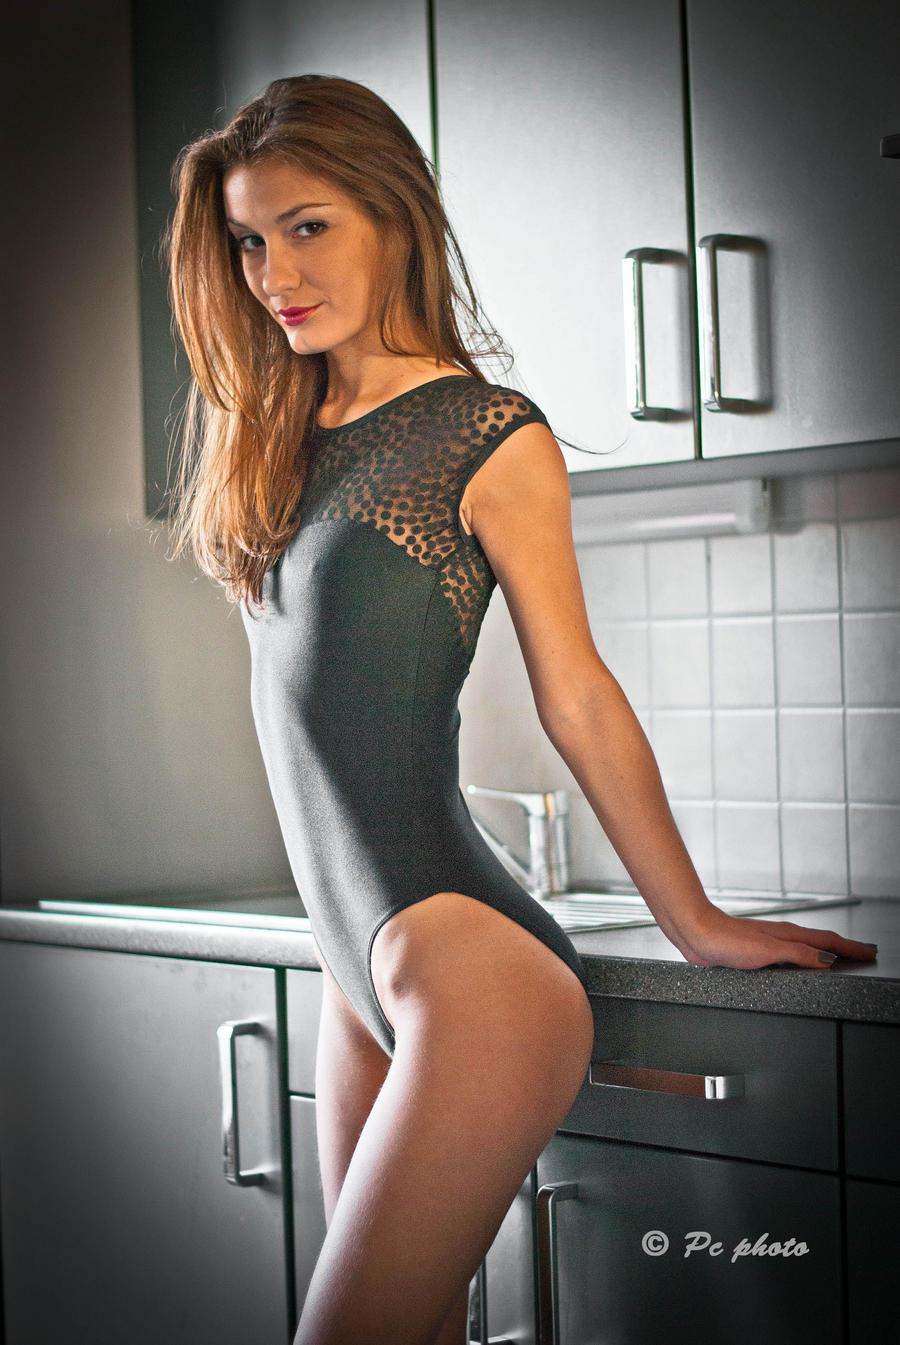 kitchenfairy by baineann